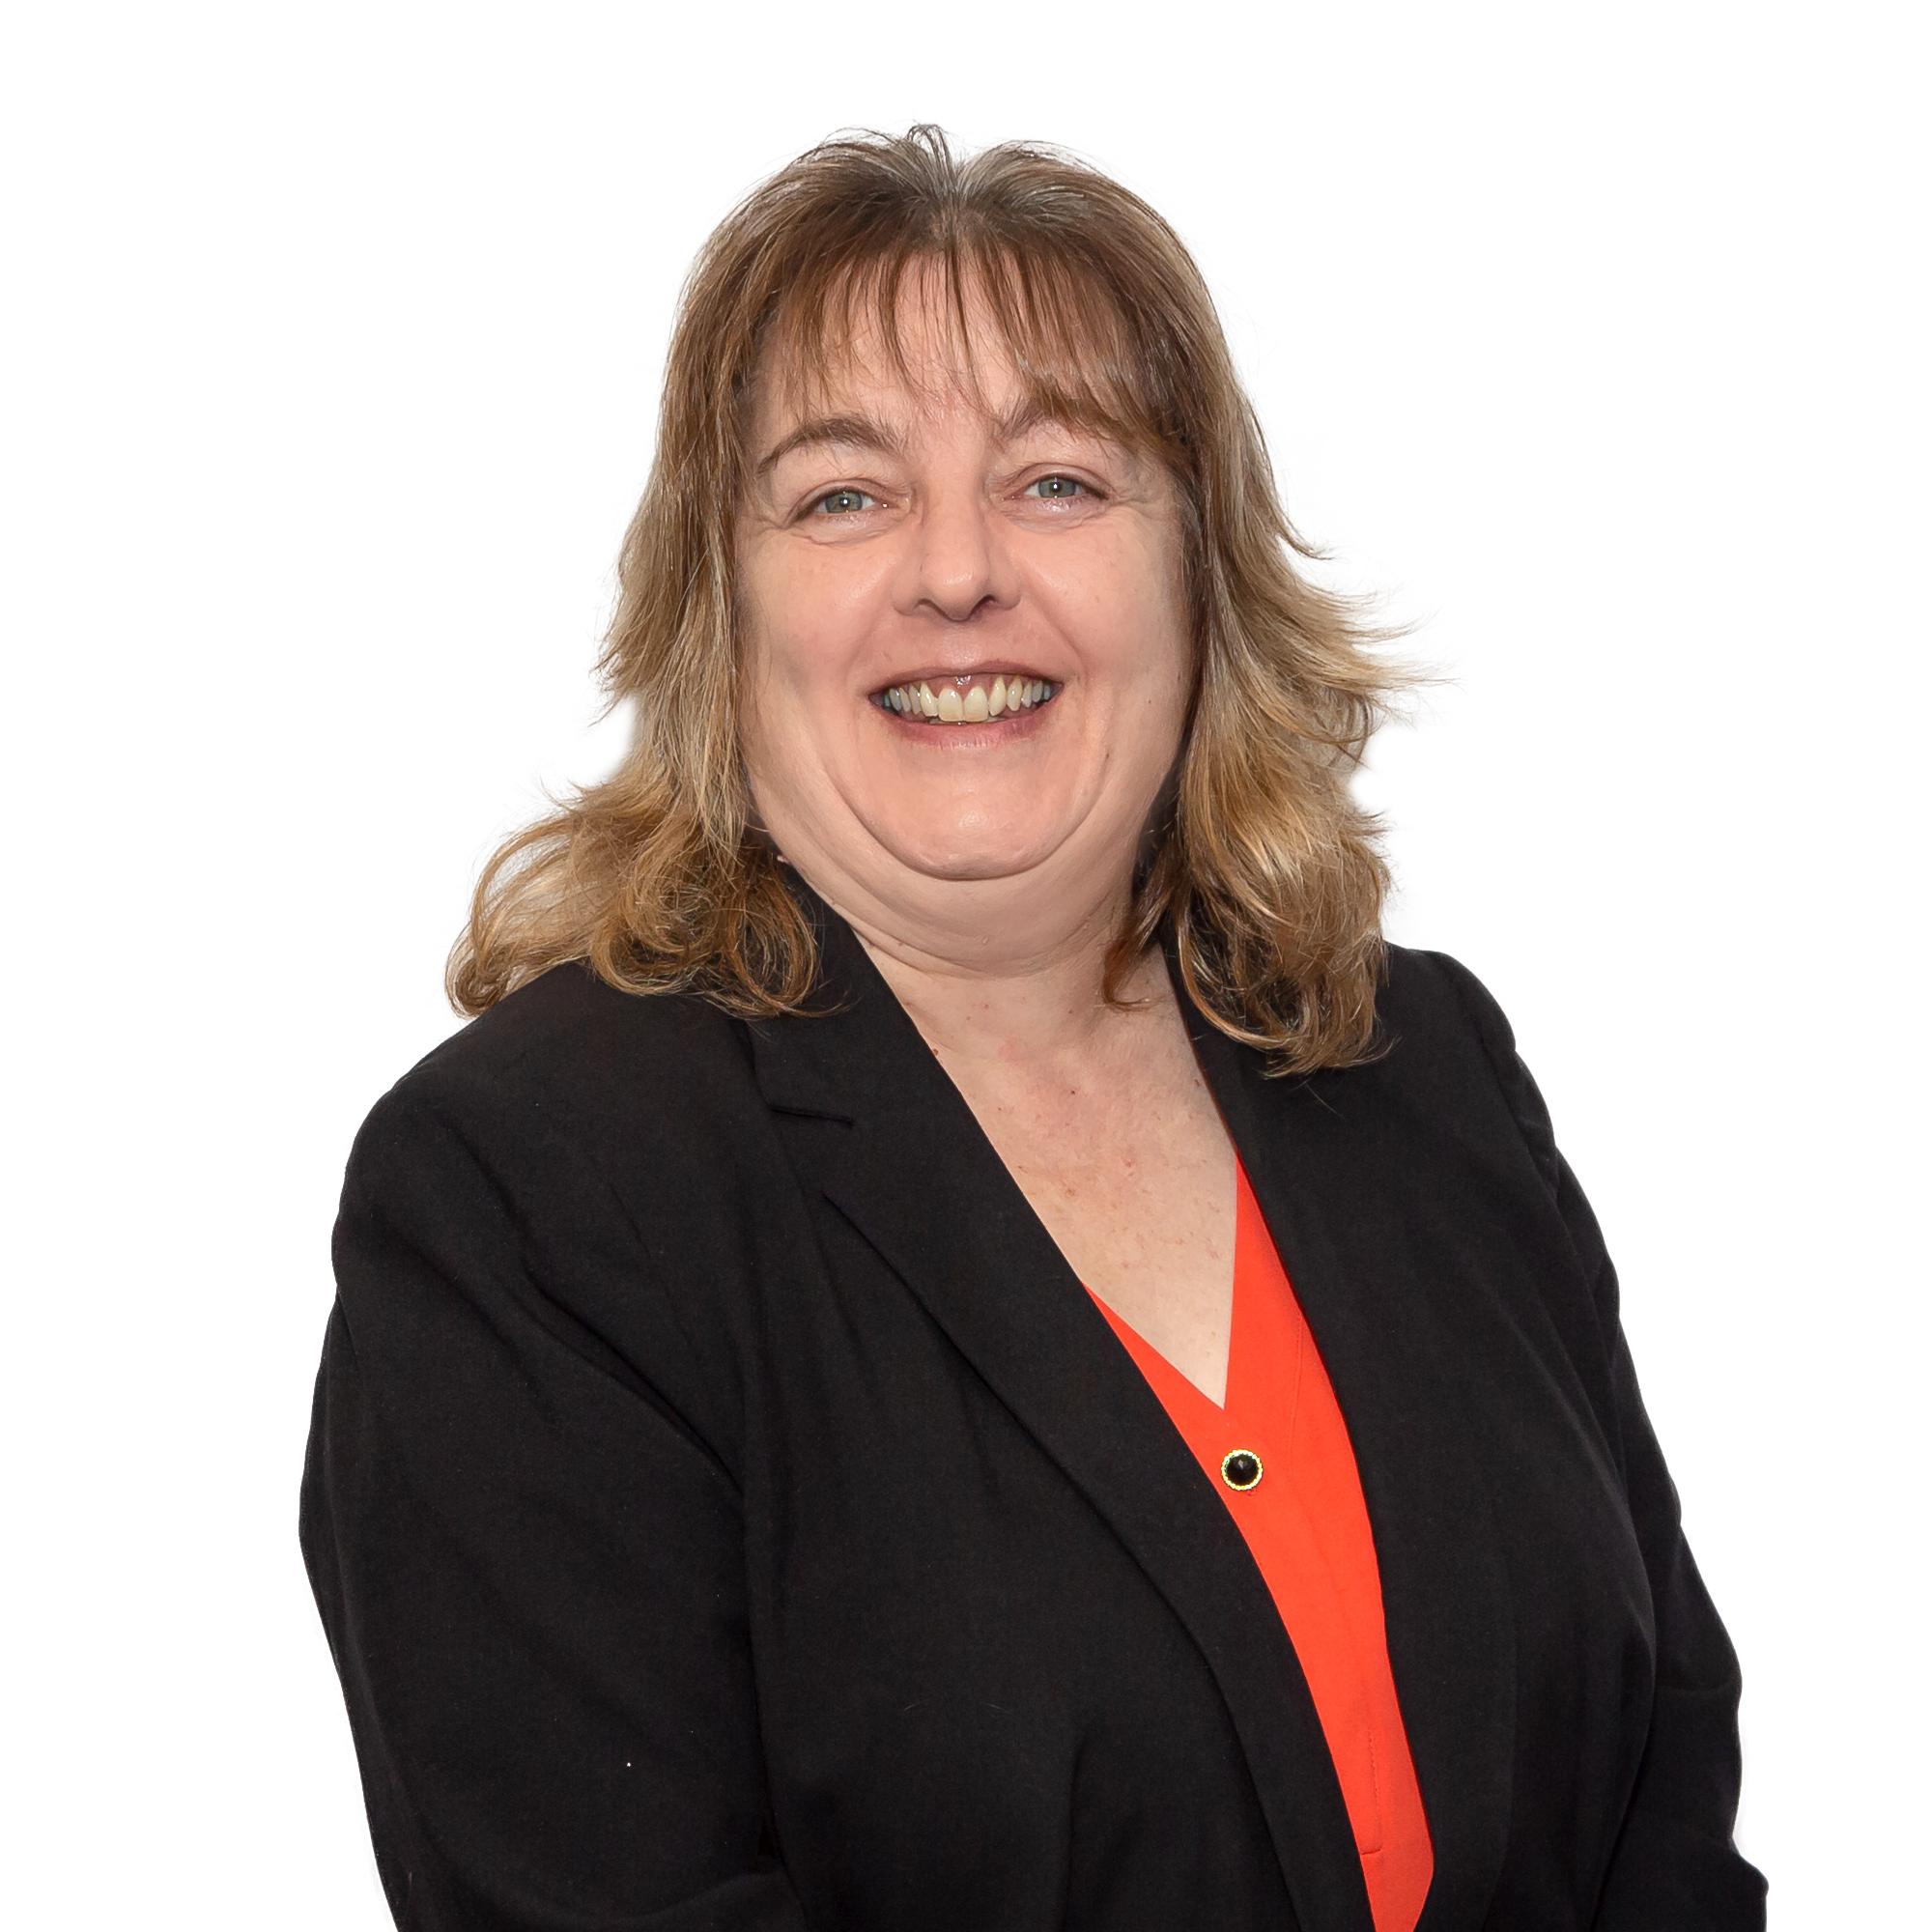 Lara Beechey